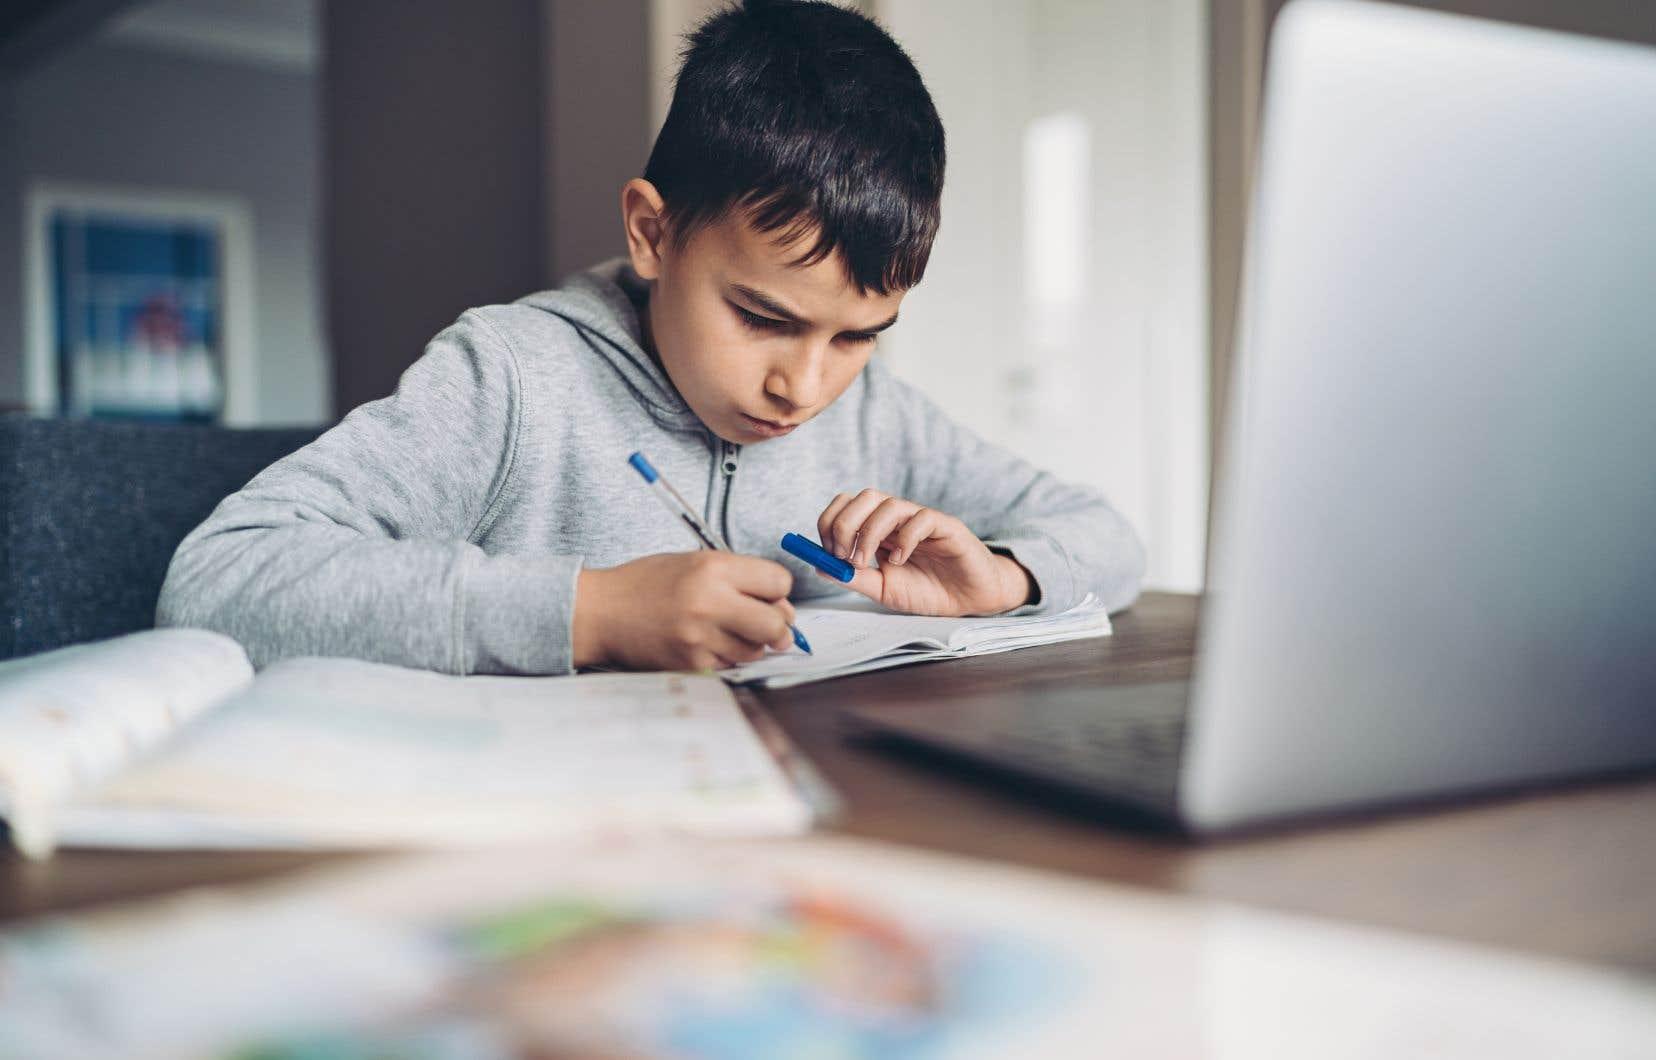 «Dans certains quartiers, rares sont les familles qui possèdent le matériel informatique nécessaire pour suivre d'éventuels cours à distance», écritJosiane Cossette.